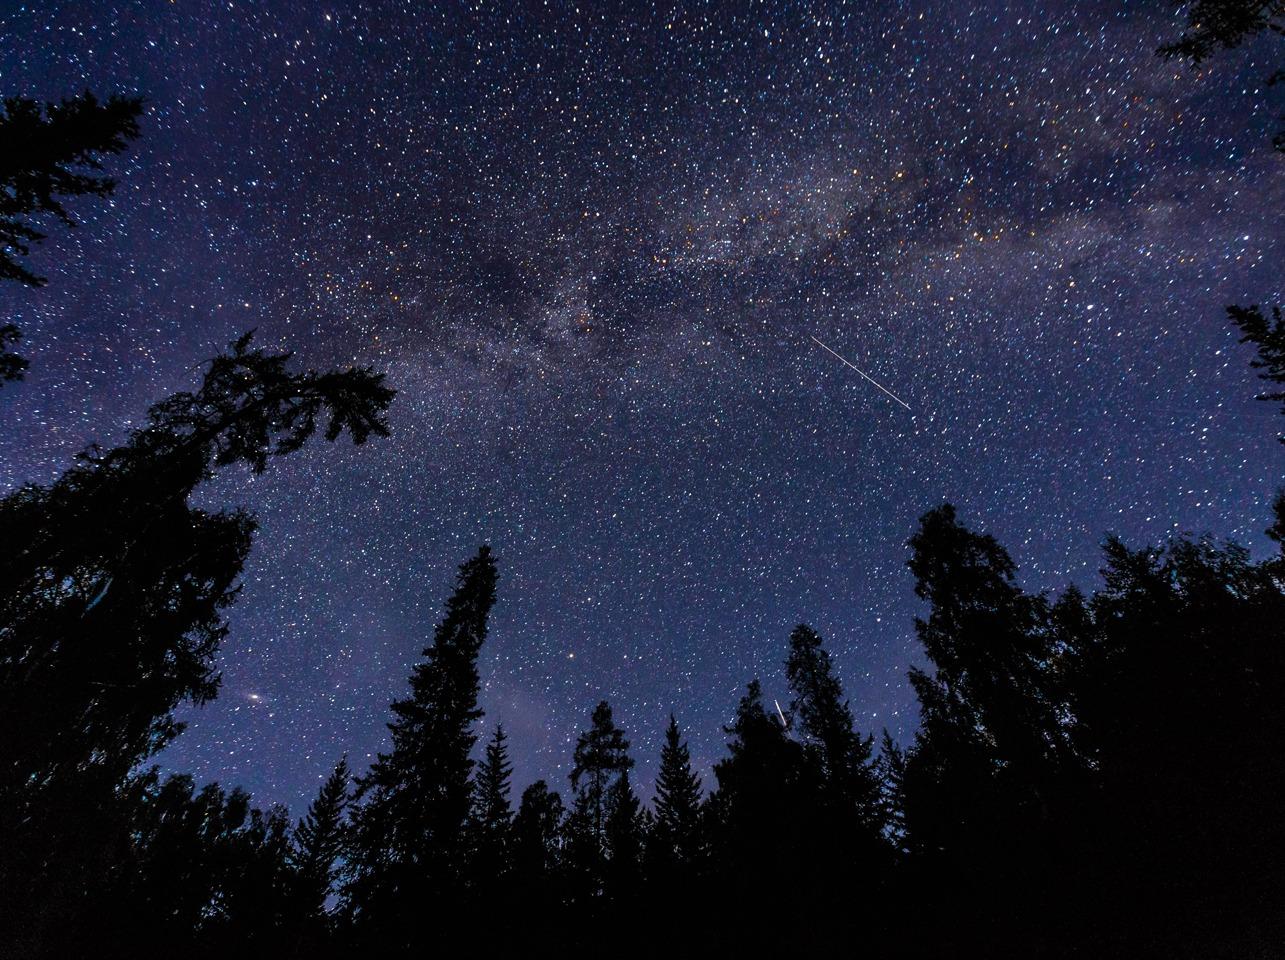 最美星空 |新疆喀纳斯 禾木小黑湖徒步